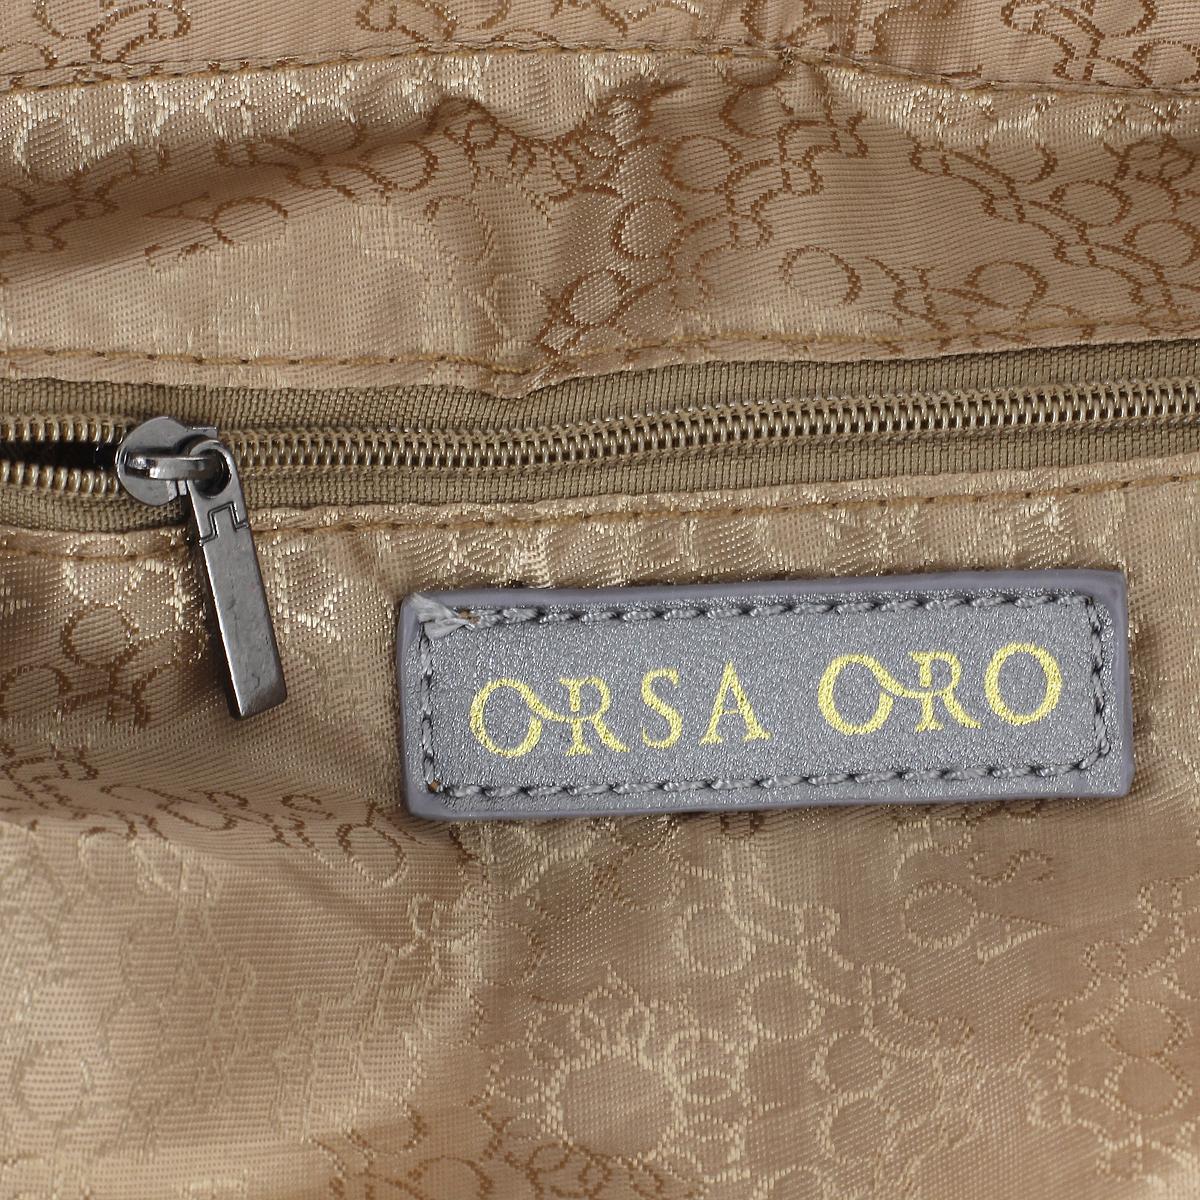 """Сумка женская """"Orsa Oro"""", цвет: серебристый графит. D-745 ( D-745 серебристый графит )"""